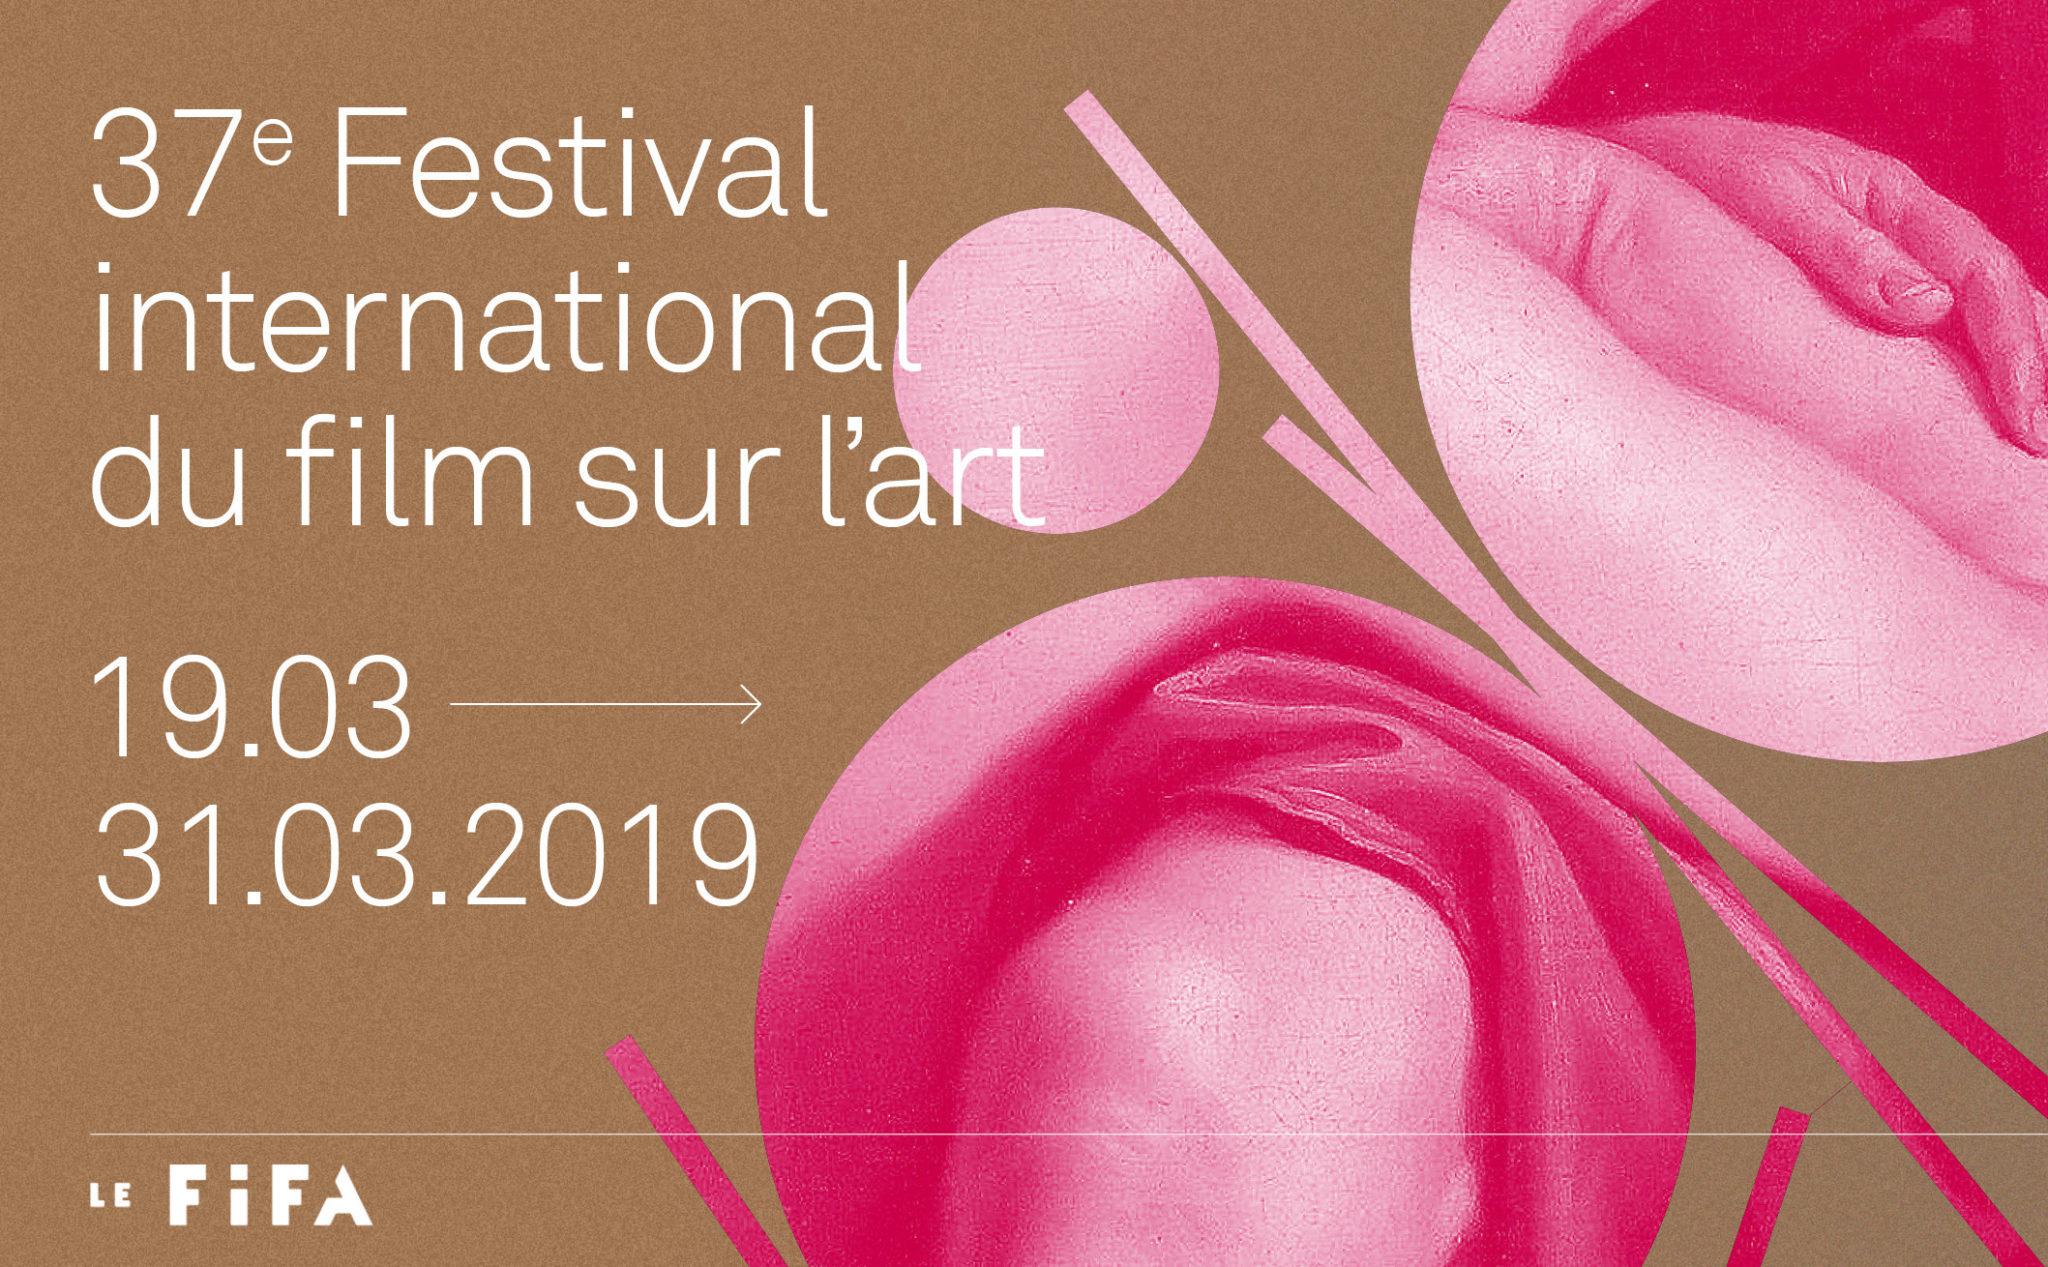 Palmarès du 37e Festival International du Film sur l'Art | Courts-métrages et oeuvres interactives